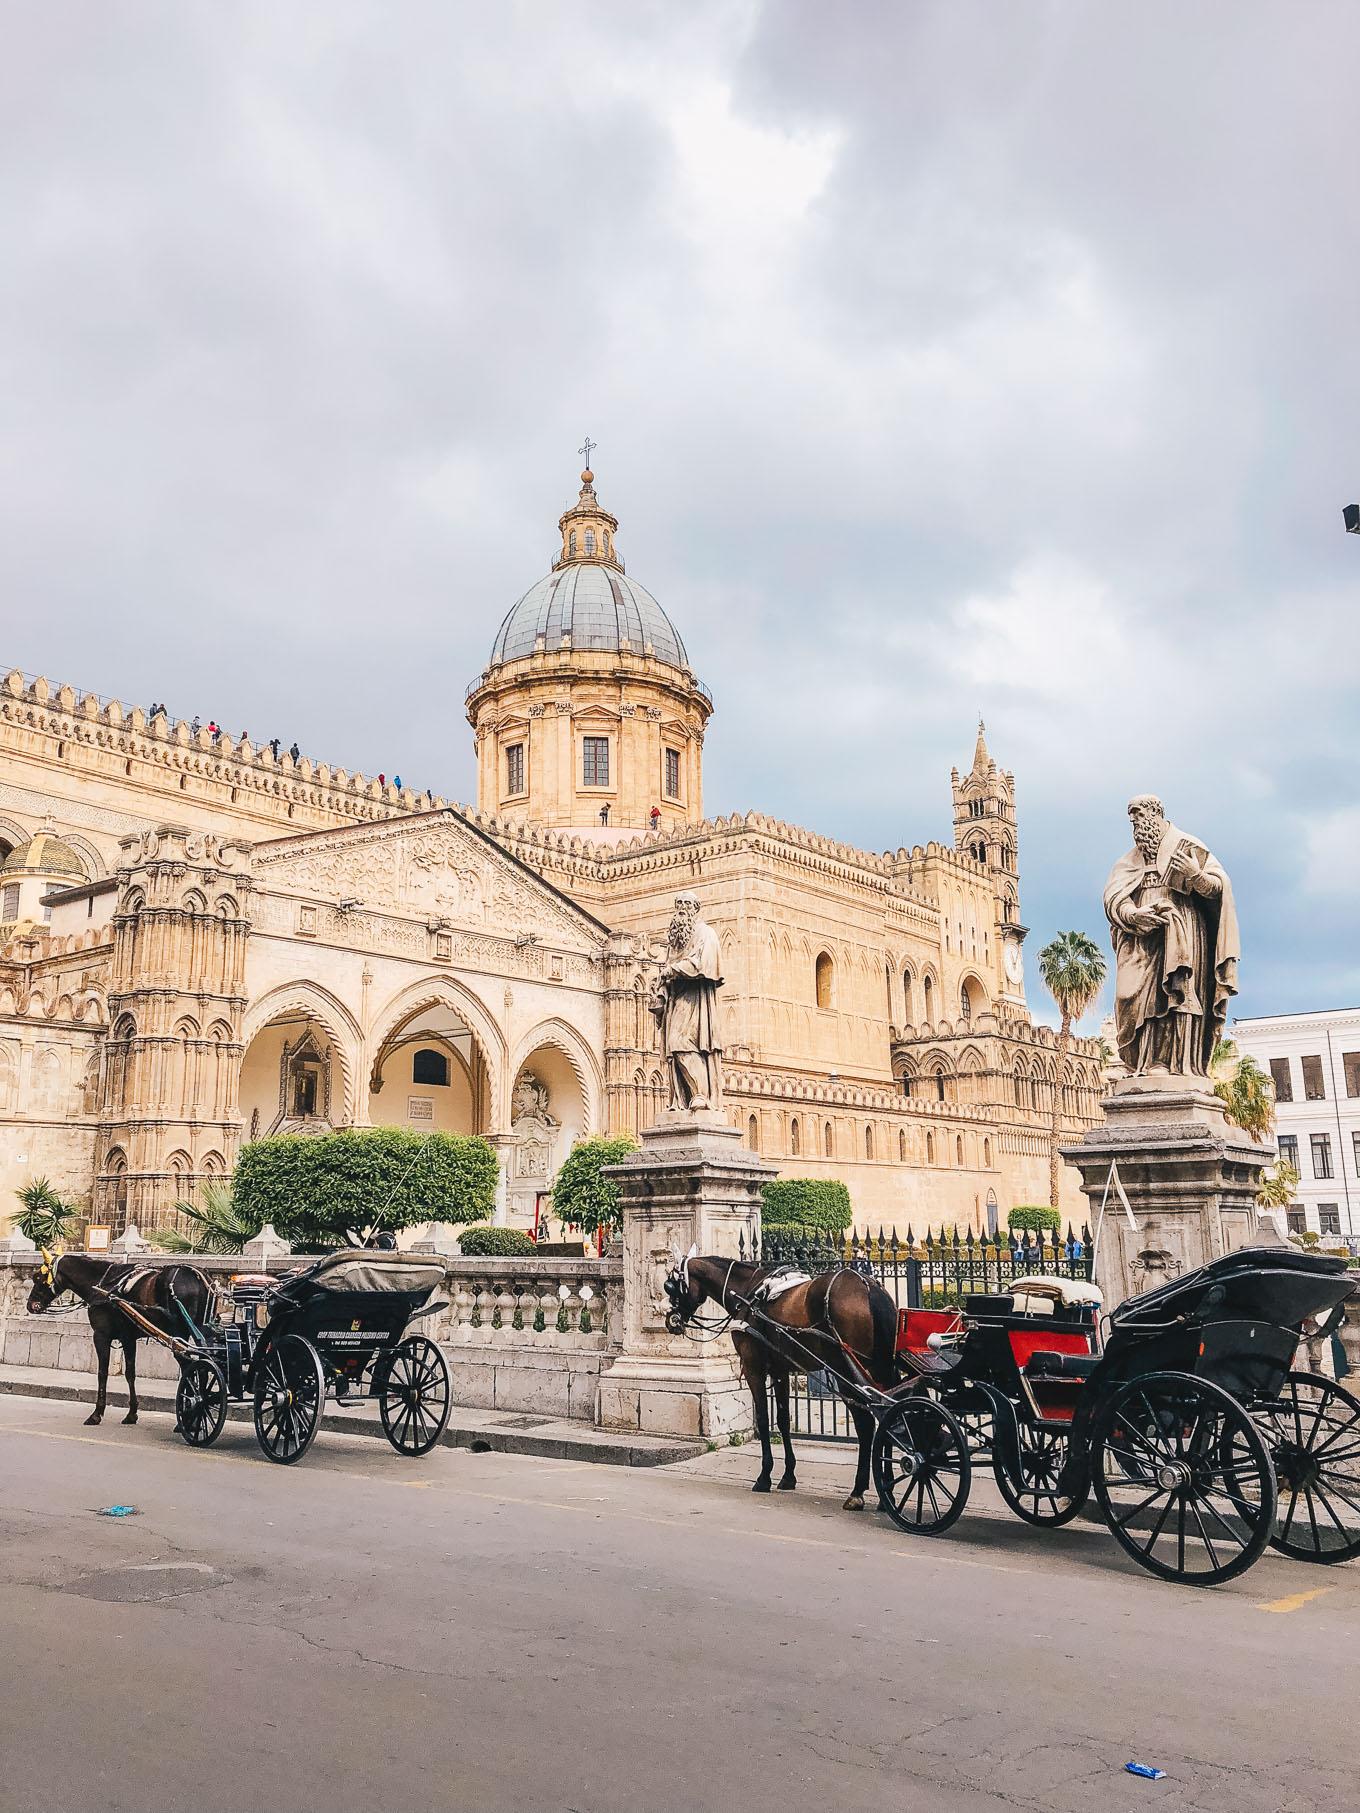 Catedralle di Palermo street